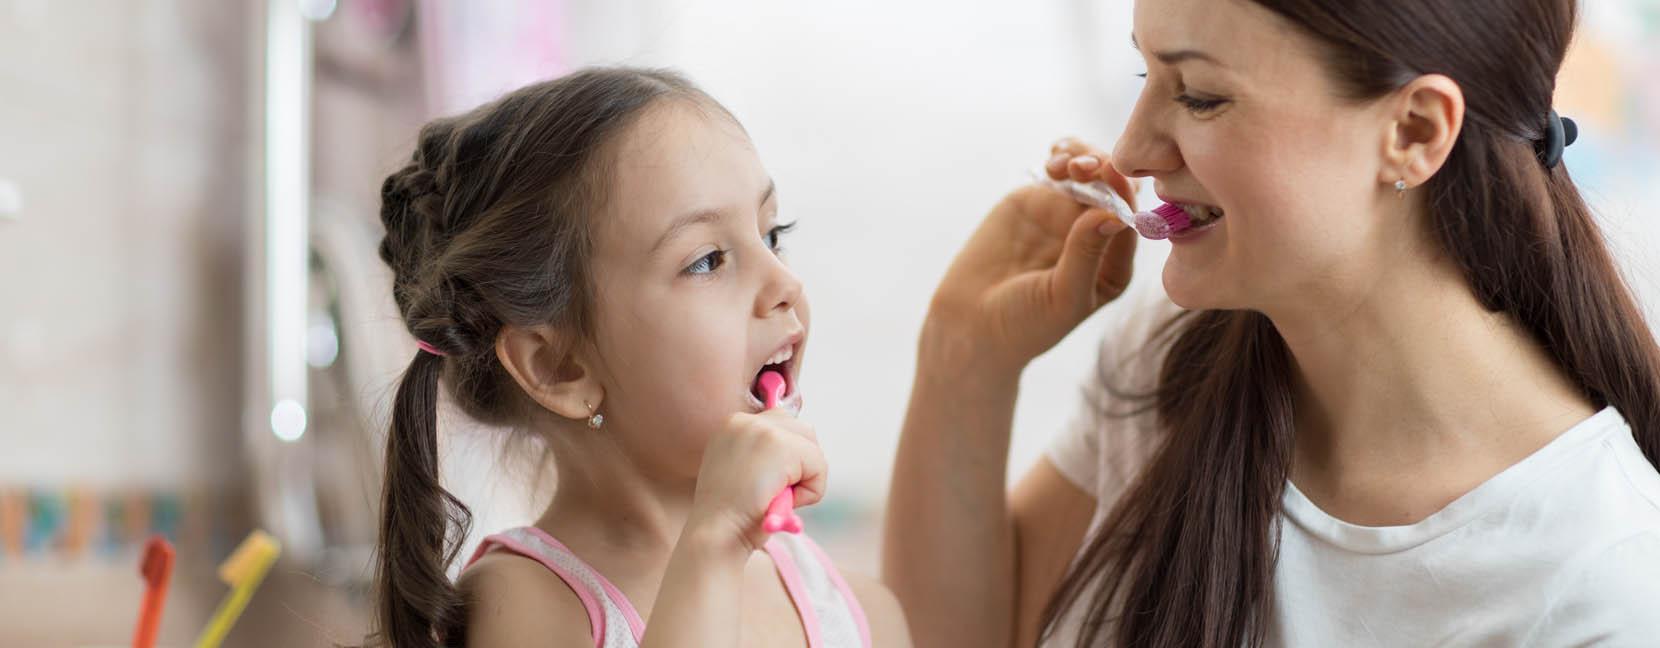 Mamma e figlia si lavano i denti insieme con viso sorridente